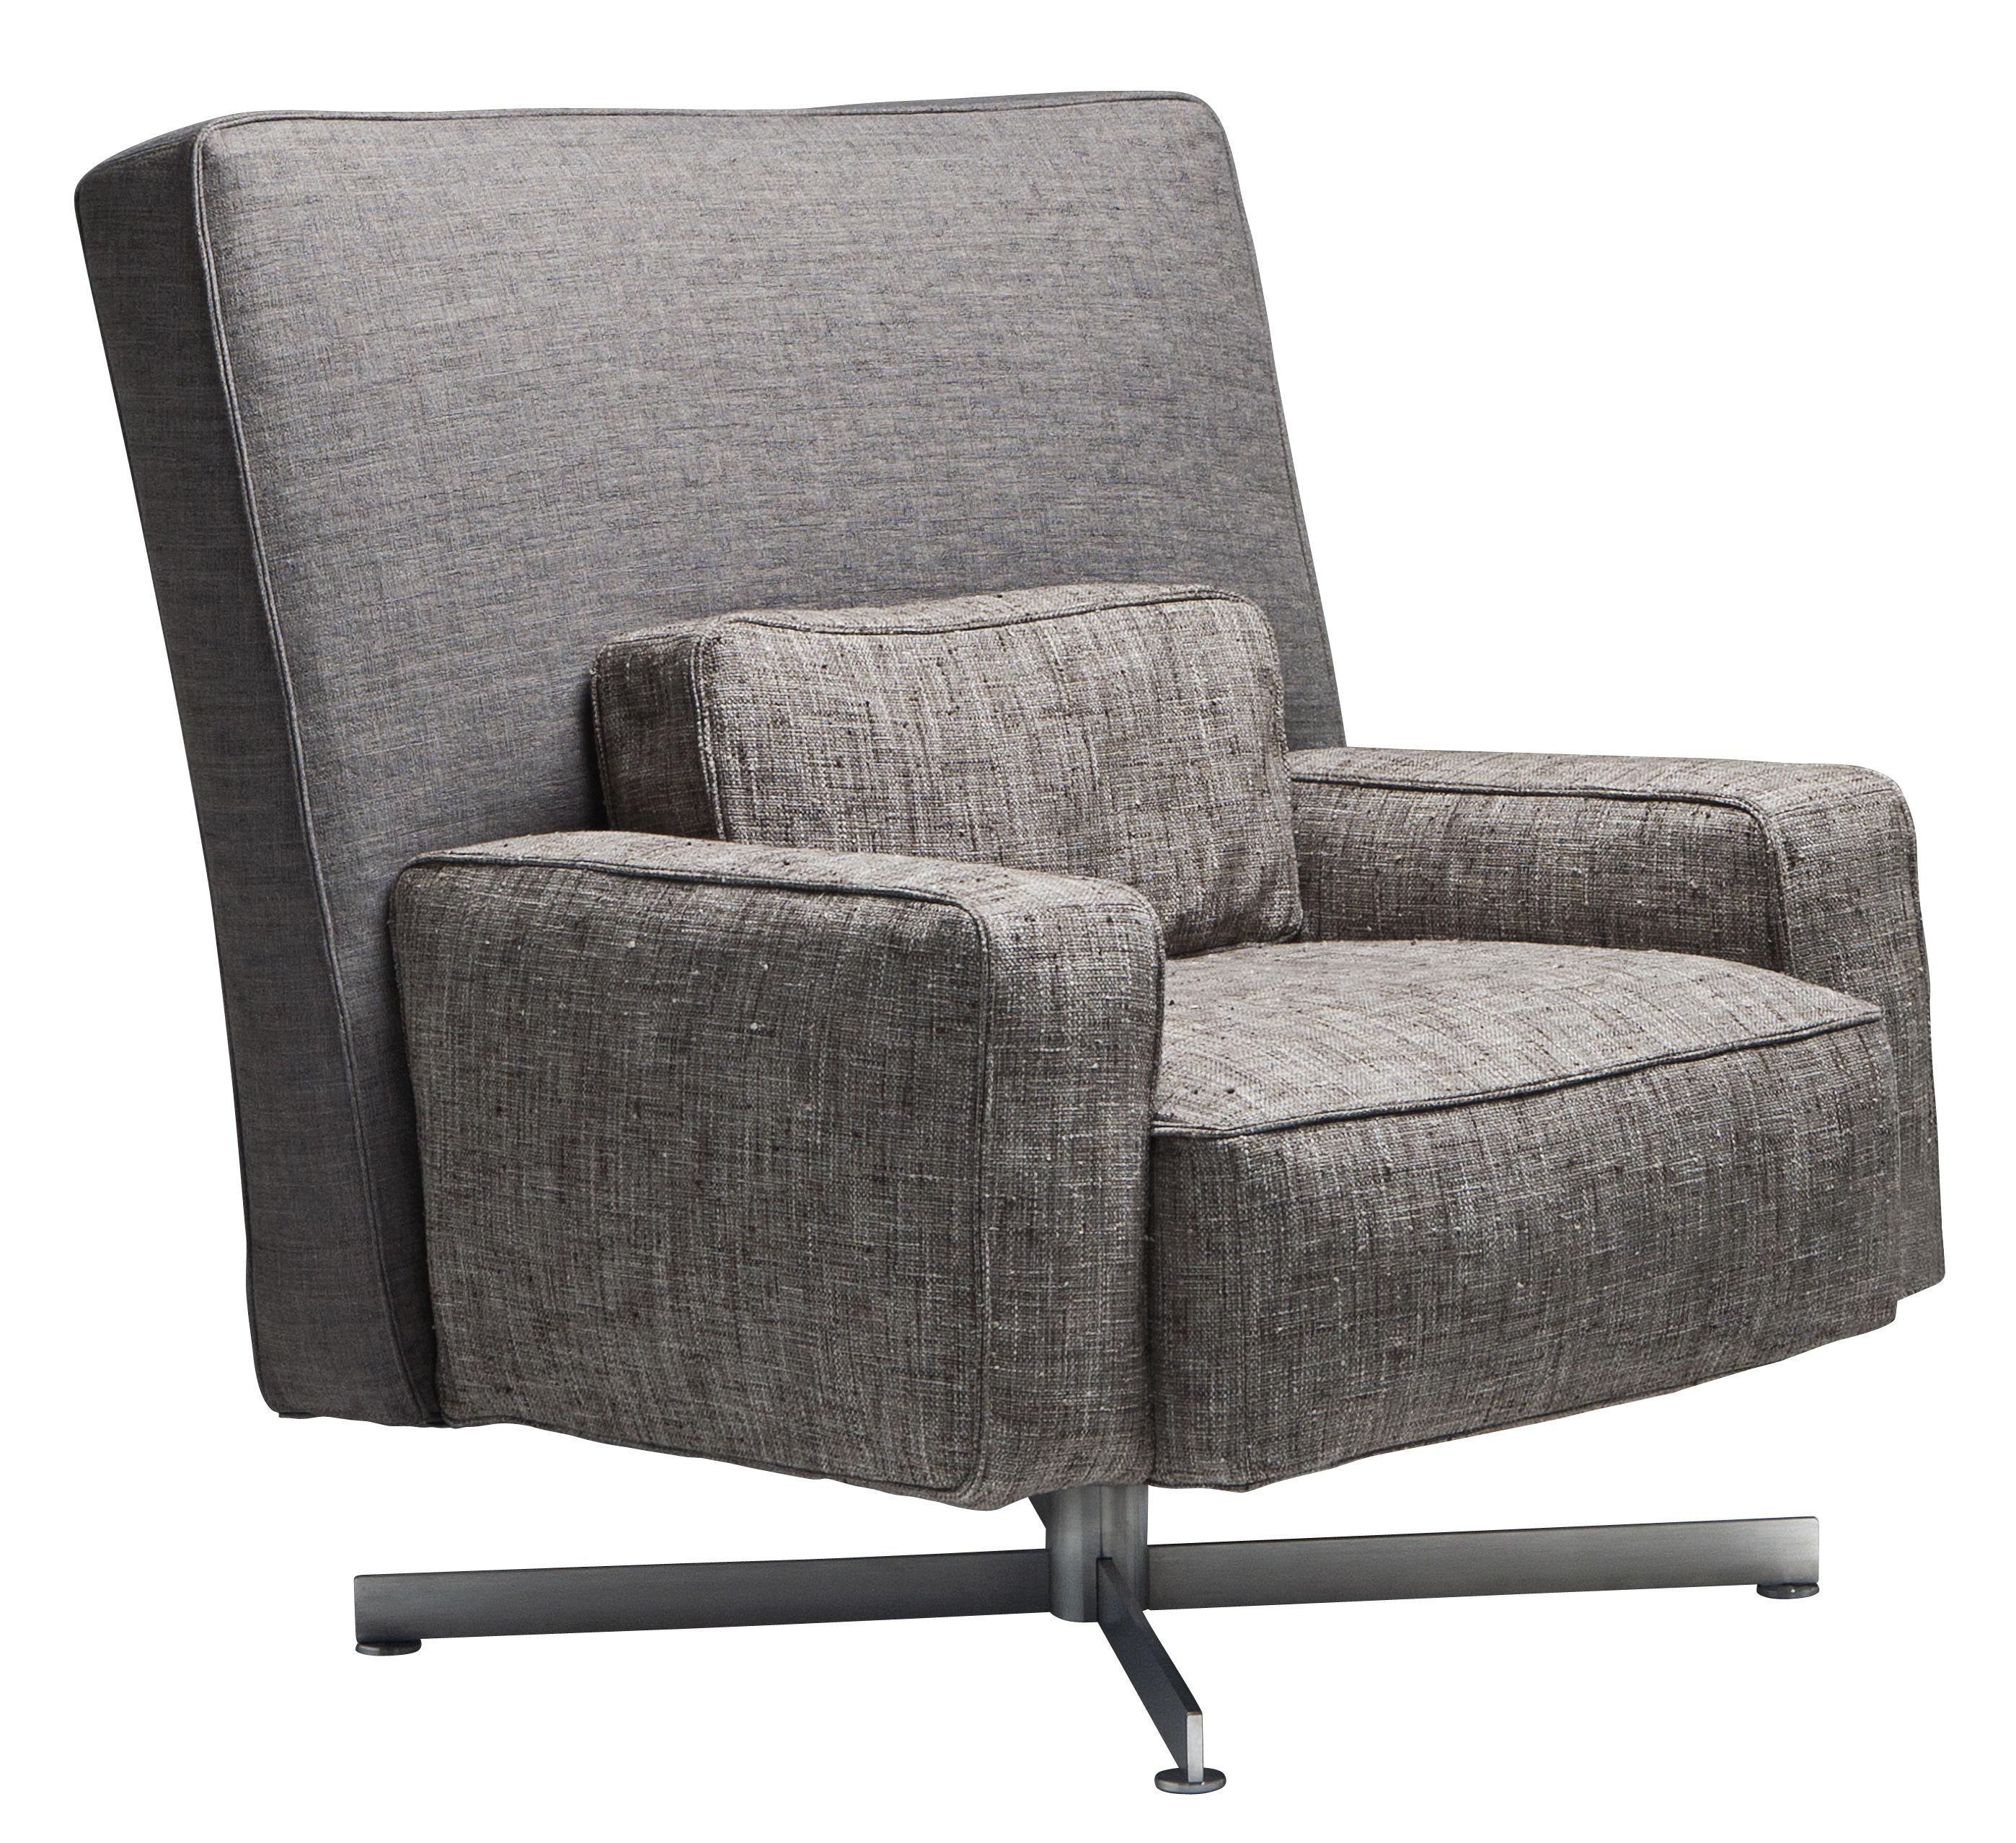 Möbel - Lounge Sessel - Cinemascope Drehsessel / gepolstert - Stoff - Driade - Rückenlehne grau & Sitzfläche taupe / Fuß Stahl - Gänsedaune, Gewebe, Polyurethan-Schaum, Stahl